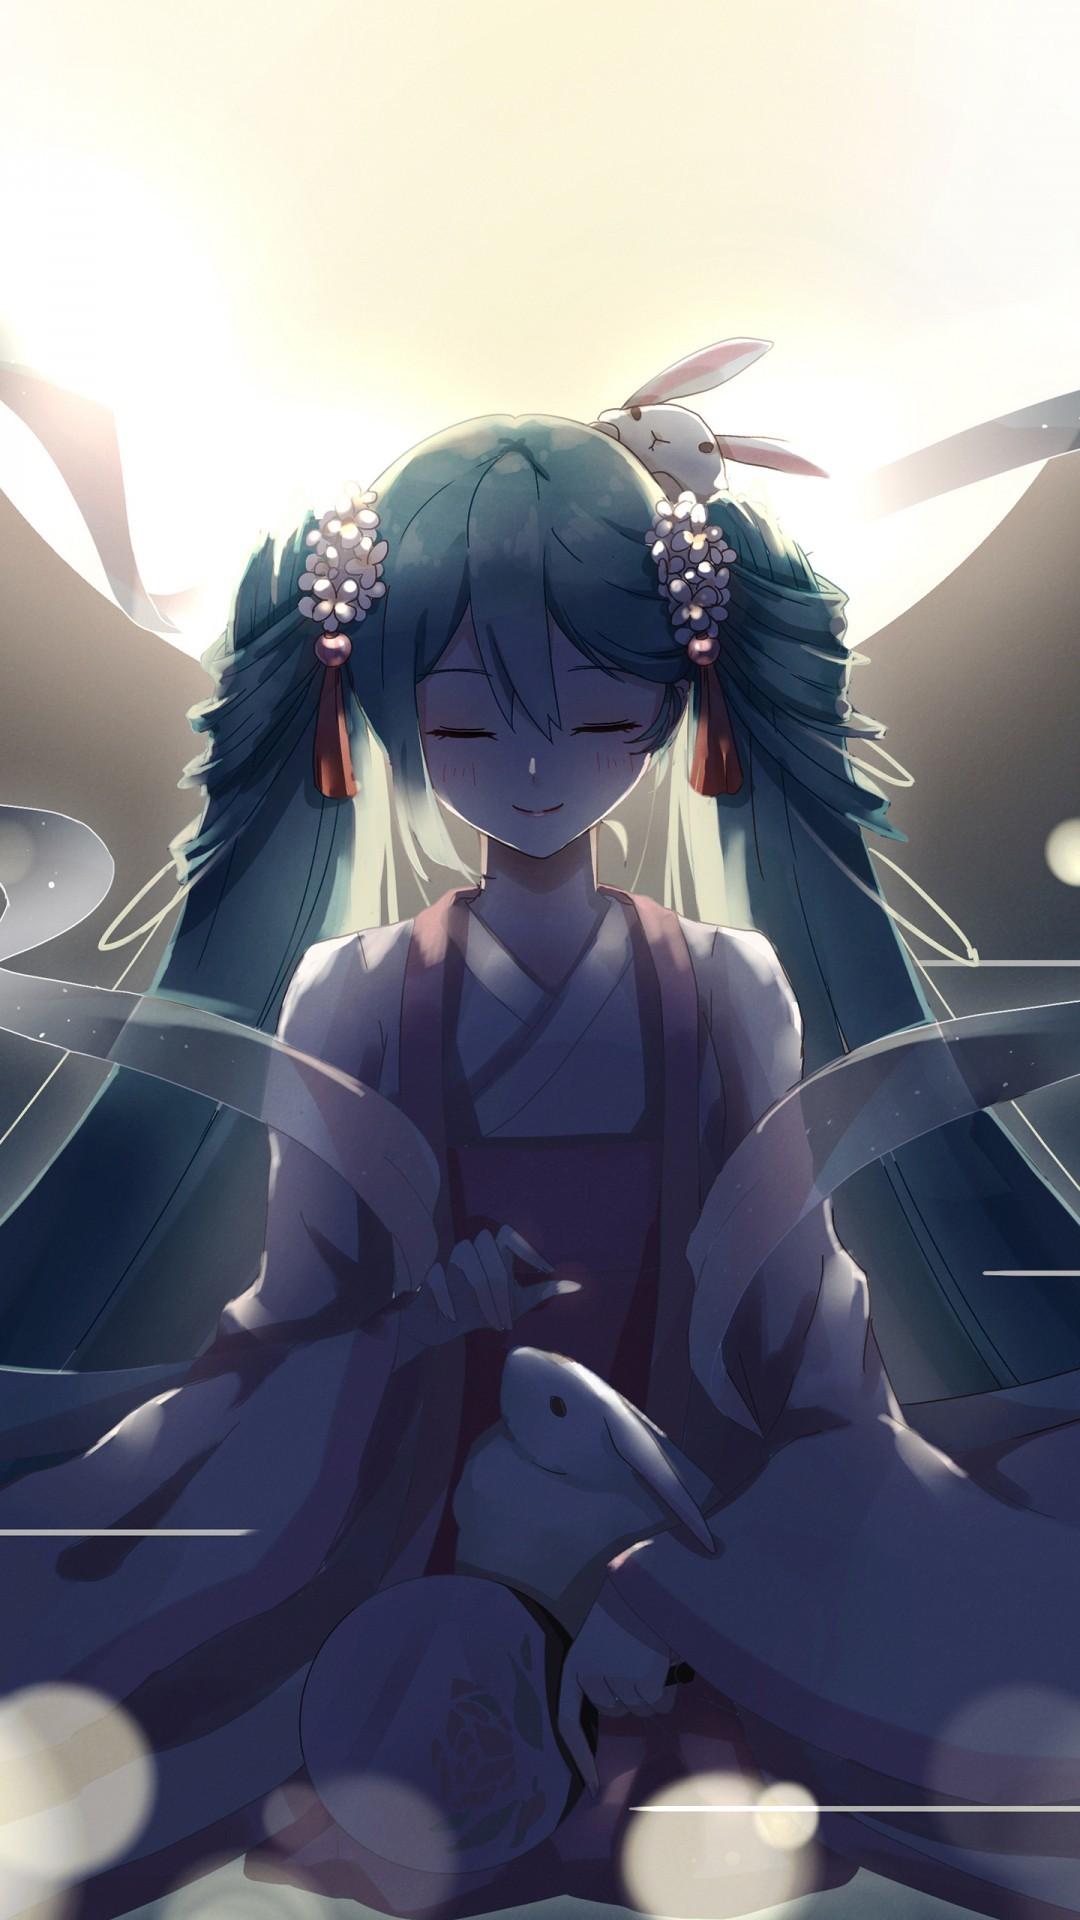 Free Hatsune Miku phone wallpaper by hauntednight3000